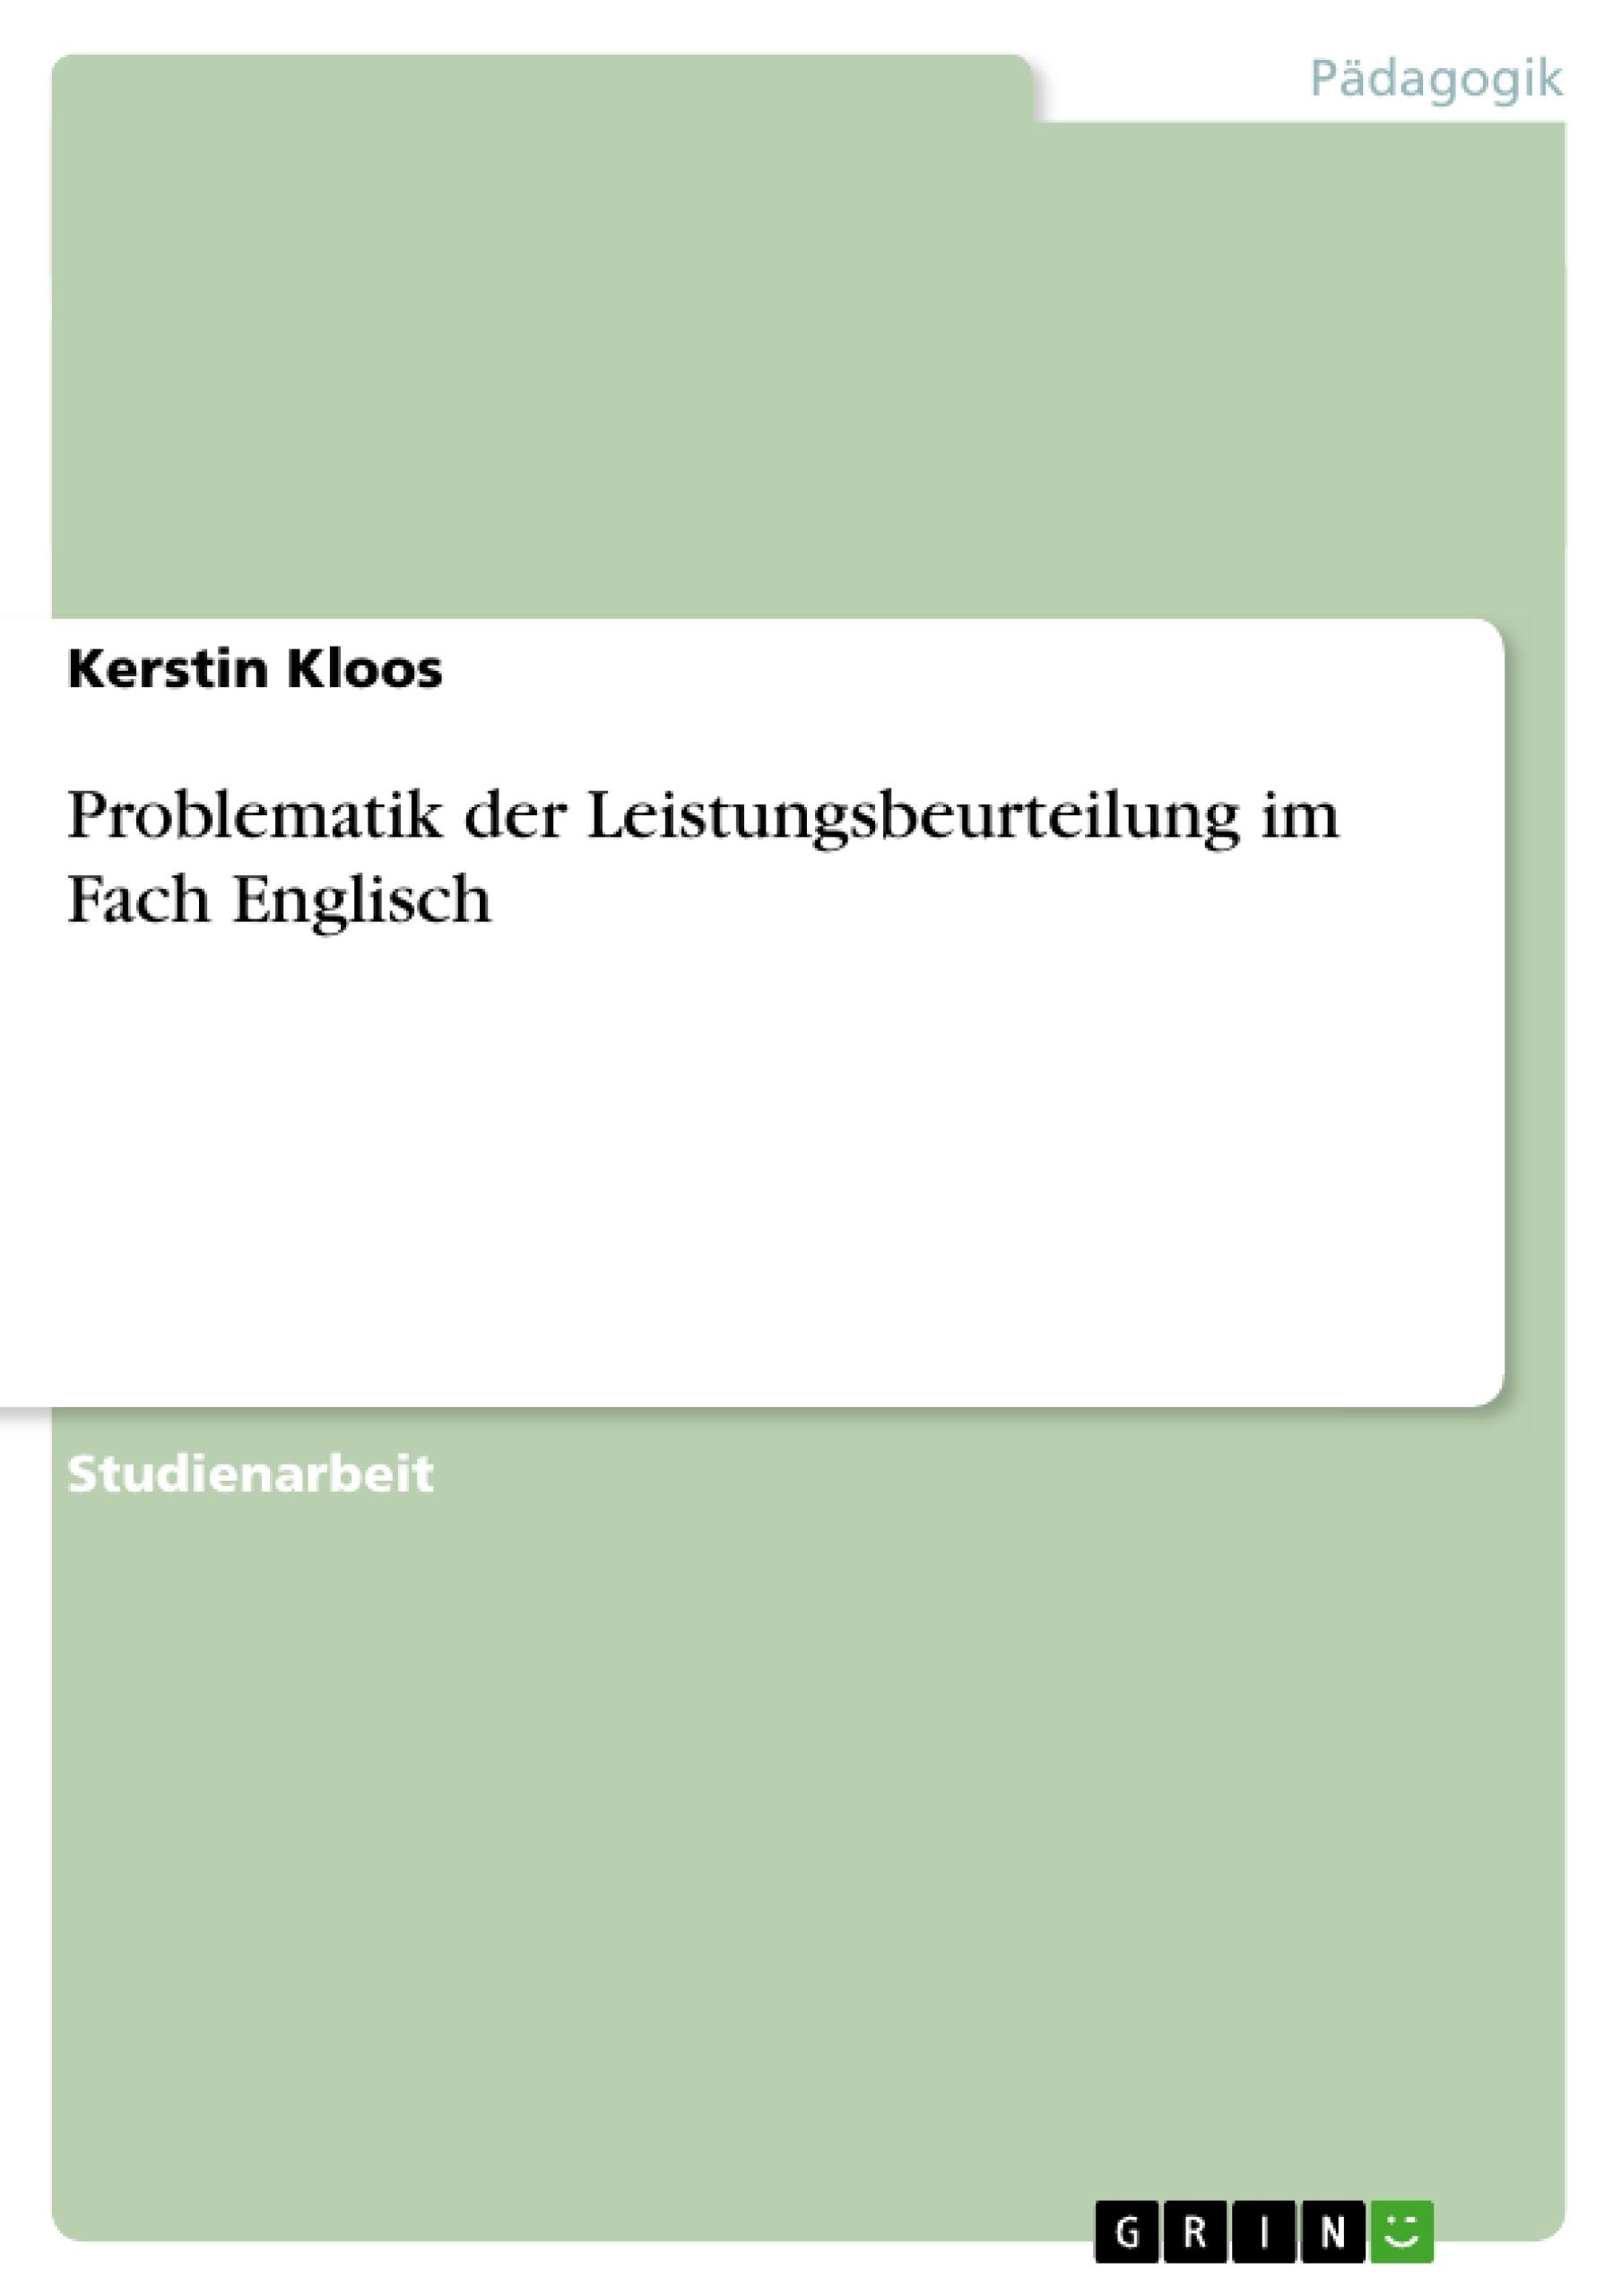 Titel: Problematik der Leistungsbeurteilung im Fach Englisch